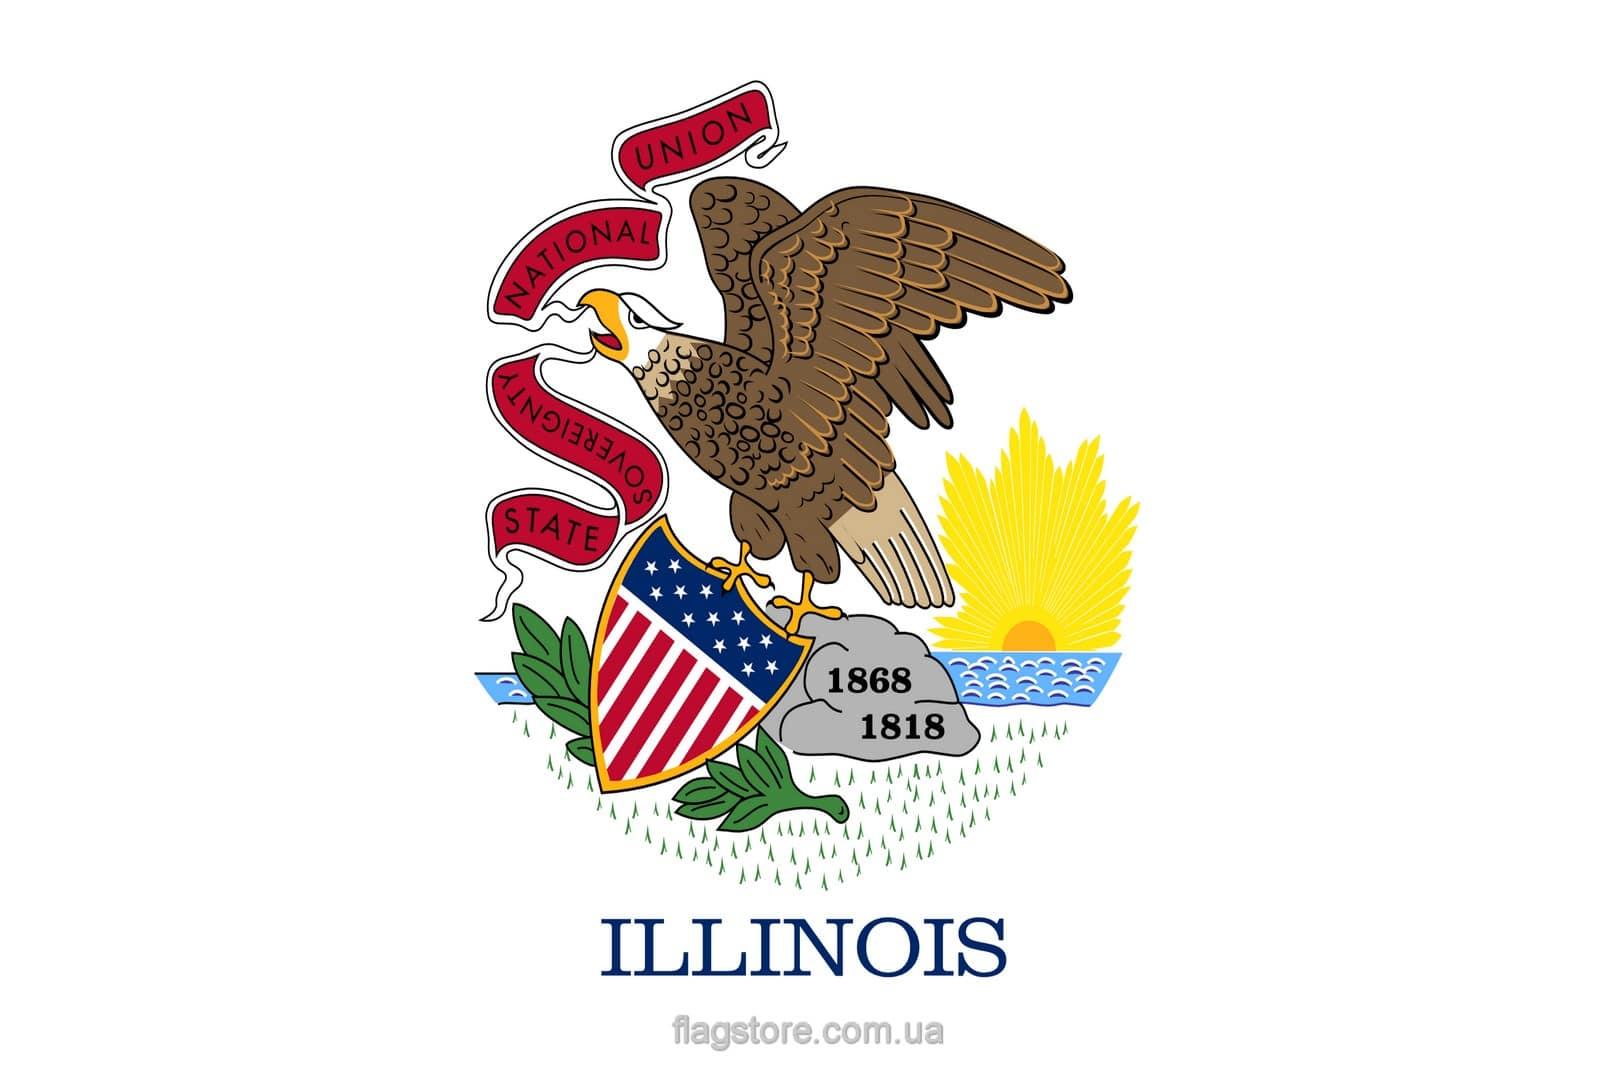 Купить флаг Иллинойса (штата Иллинойс)